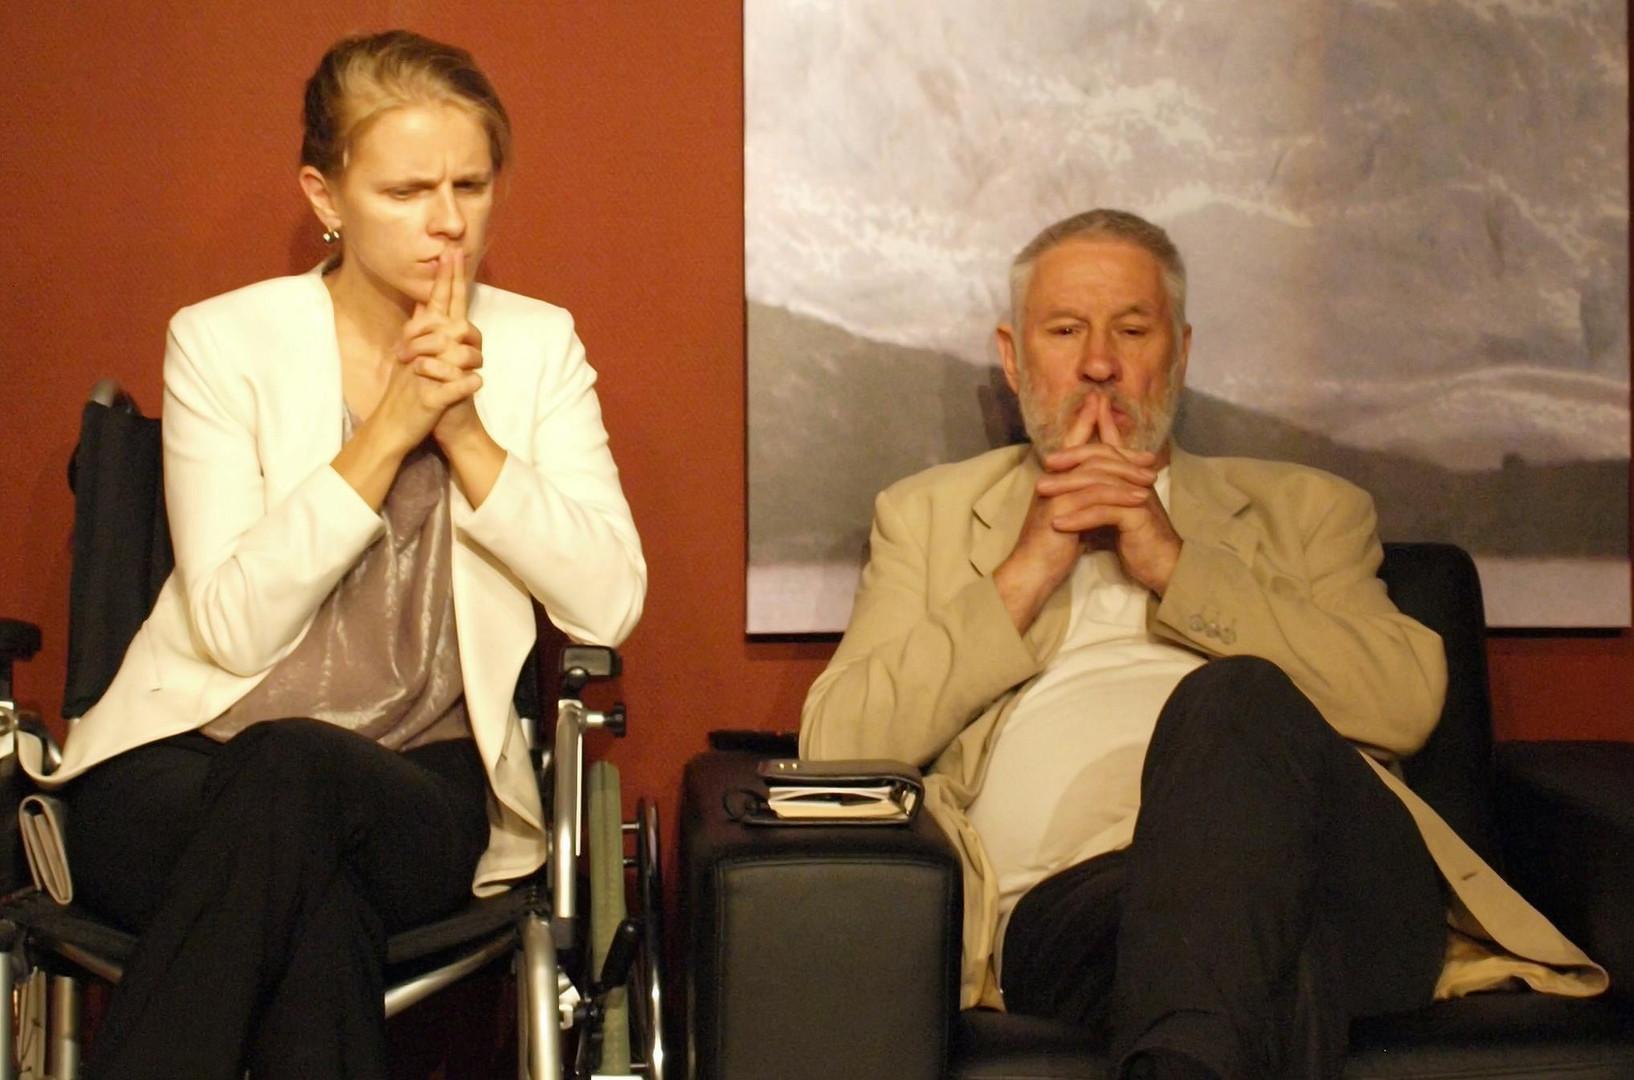 Duett für eine Stimme, Picolo teatro